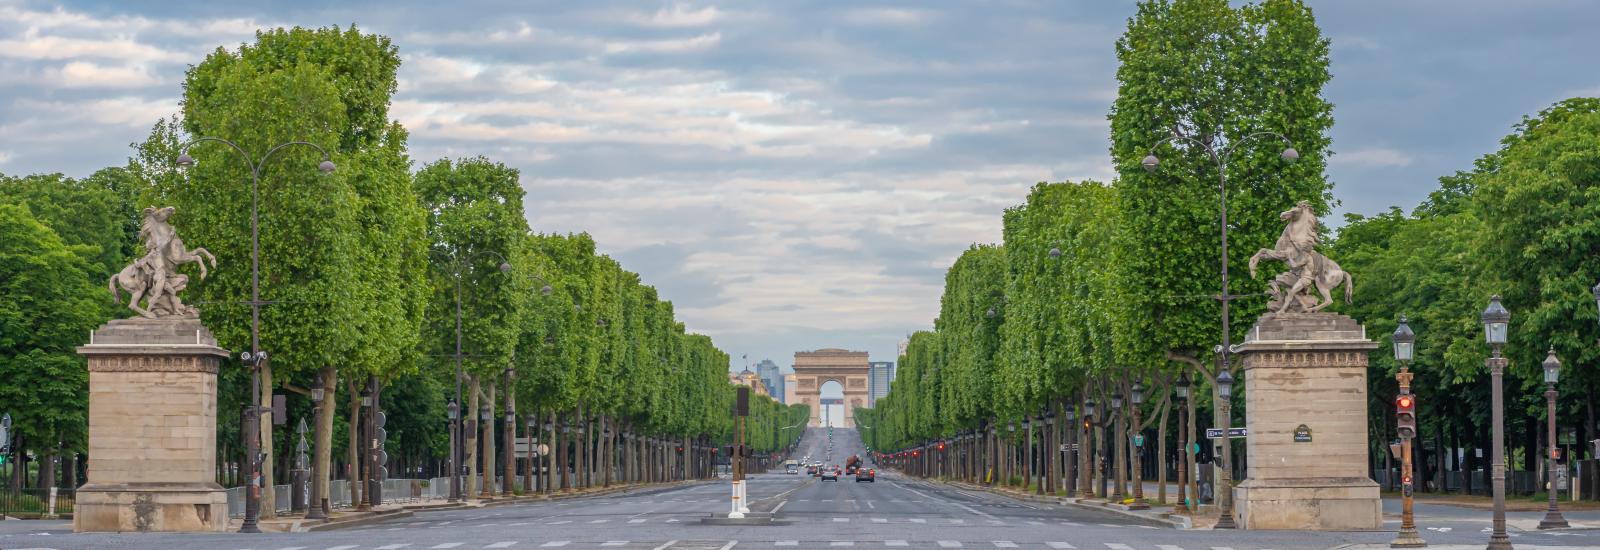 © Franck Legros/Shutterstock.com